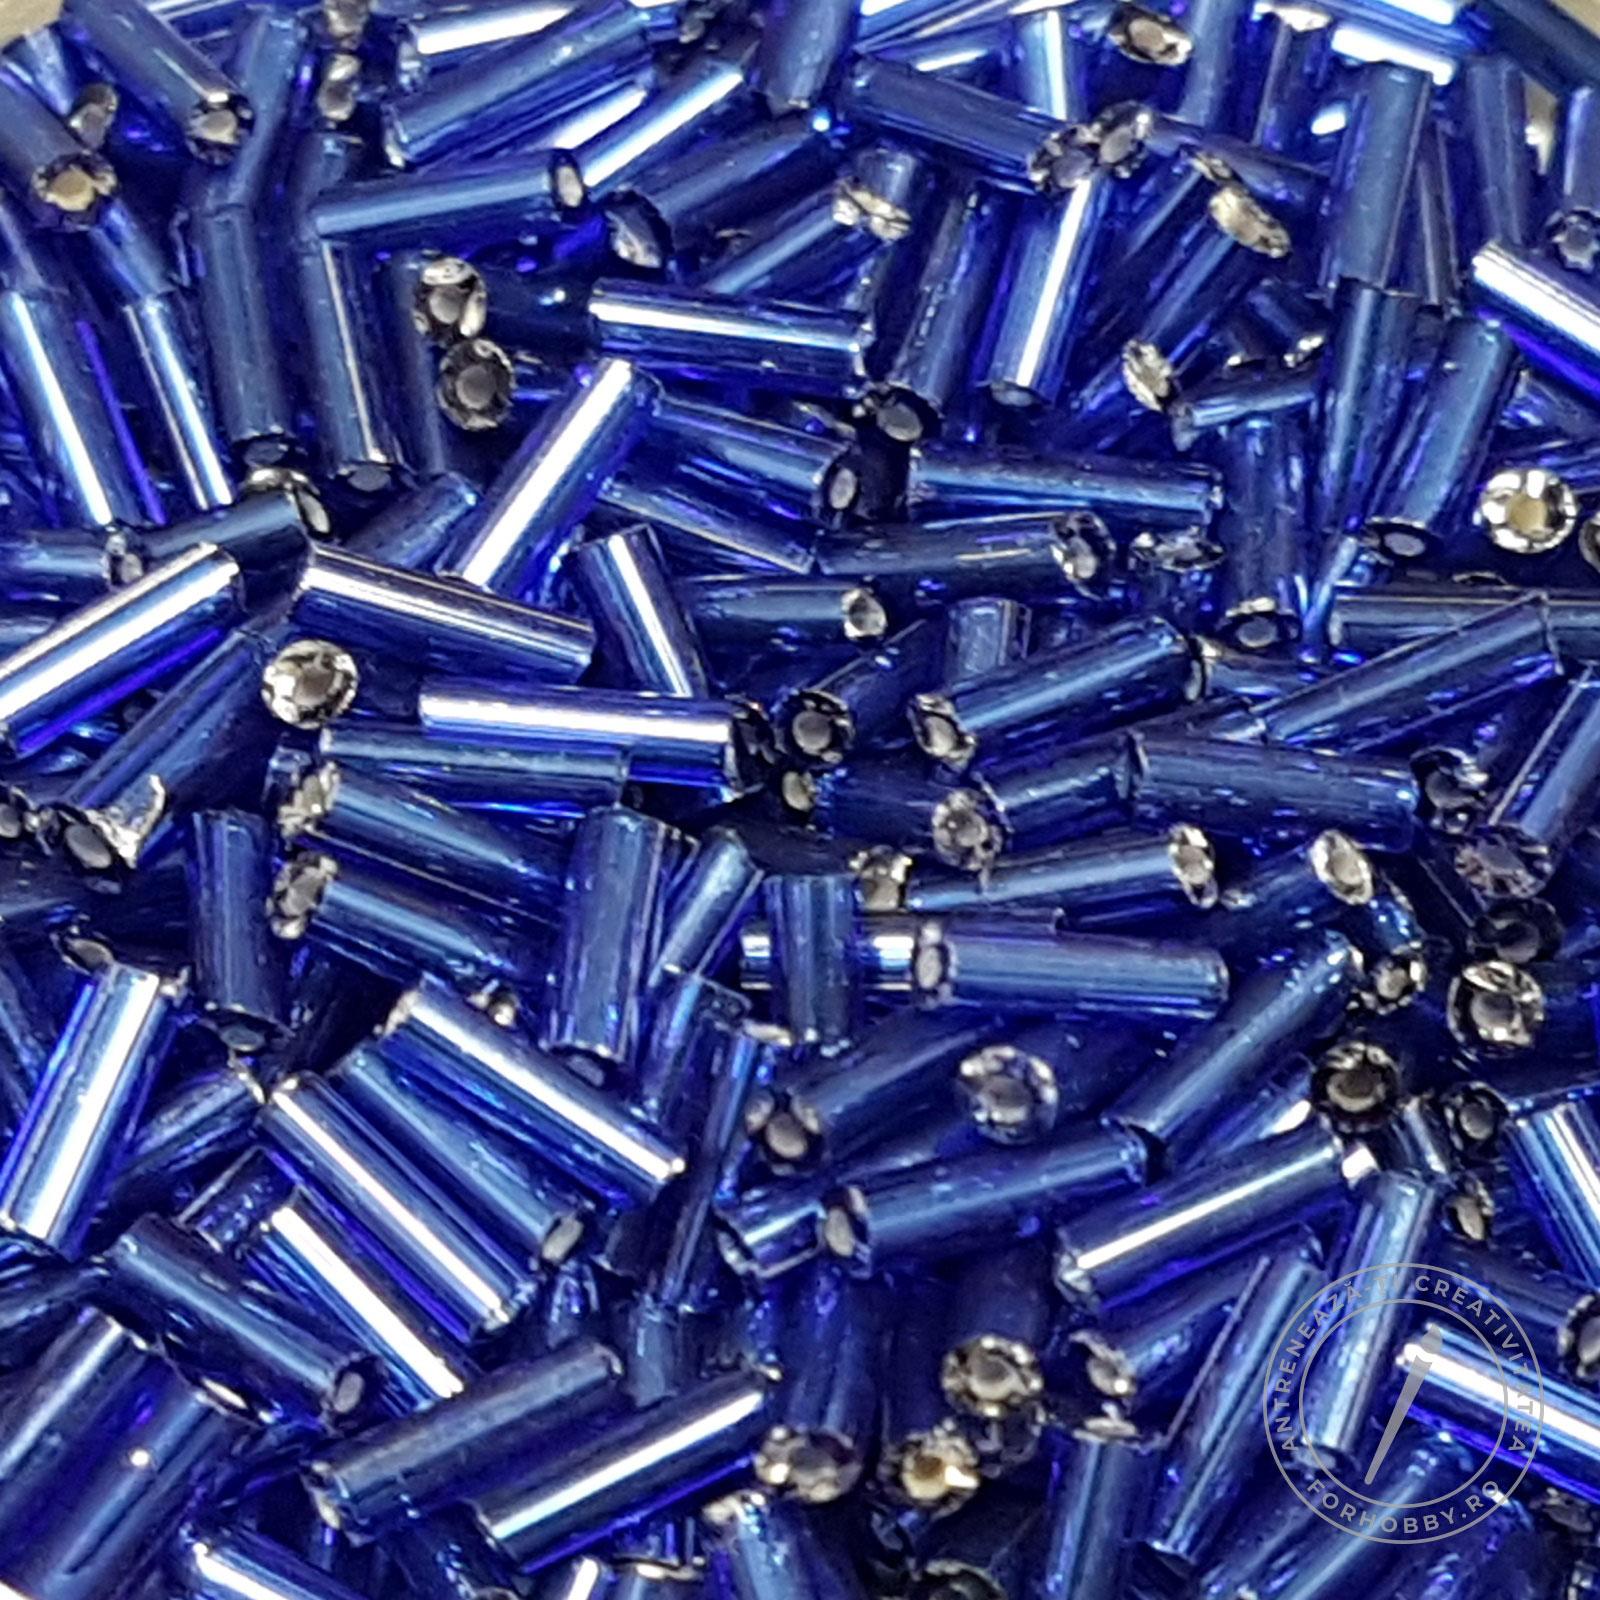 albastru inchis miez foita